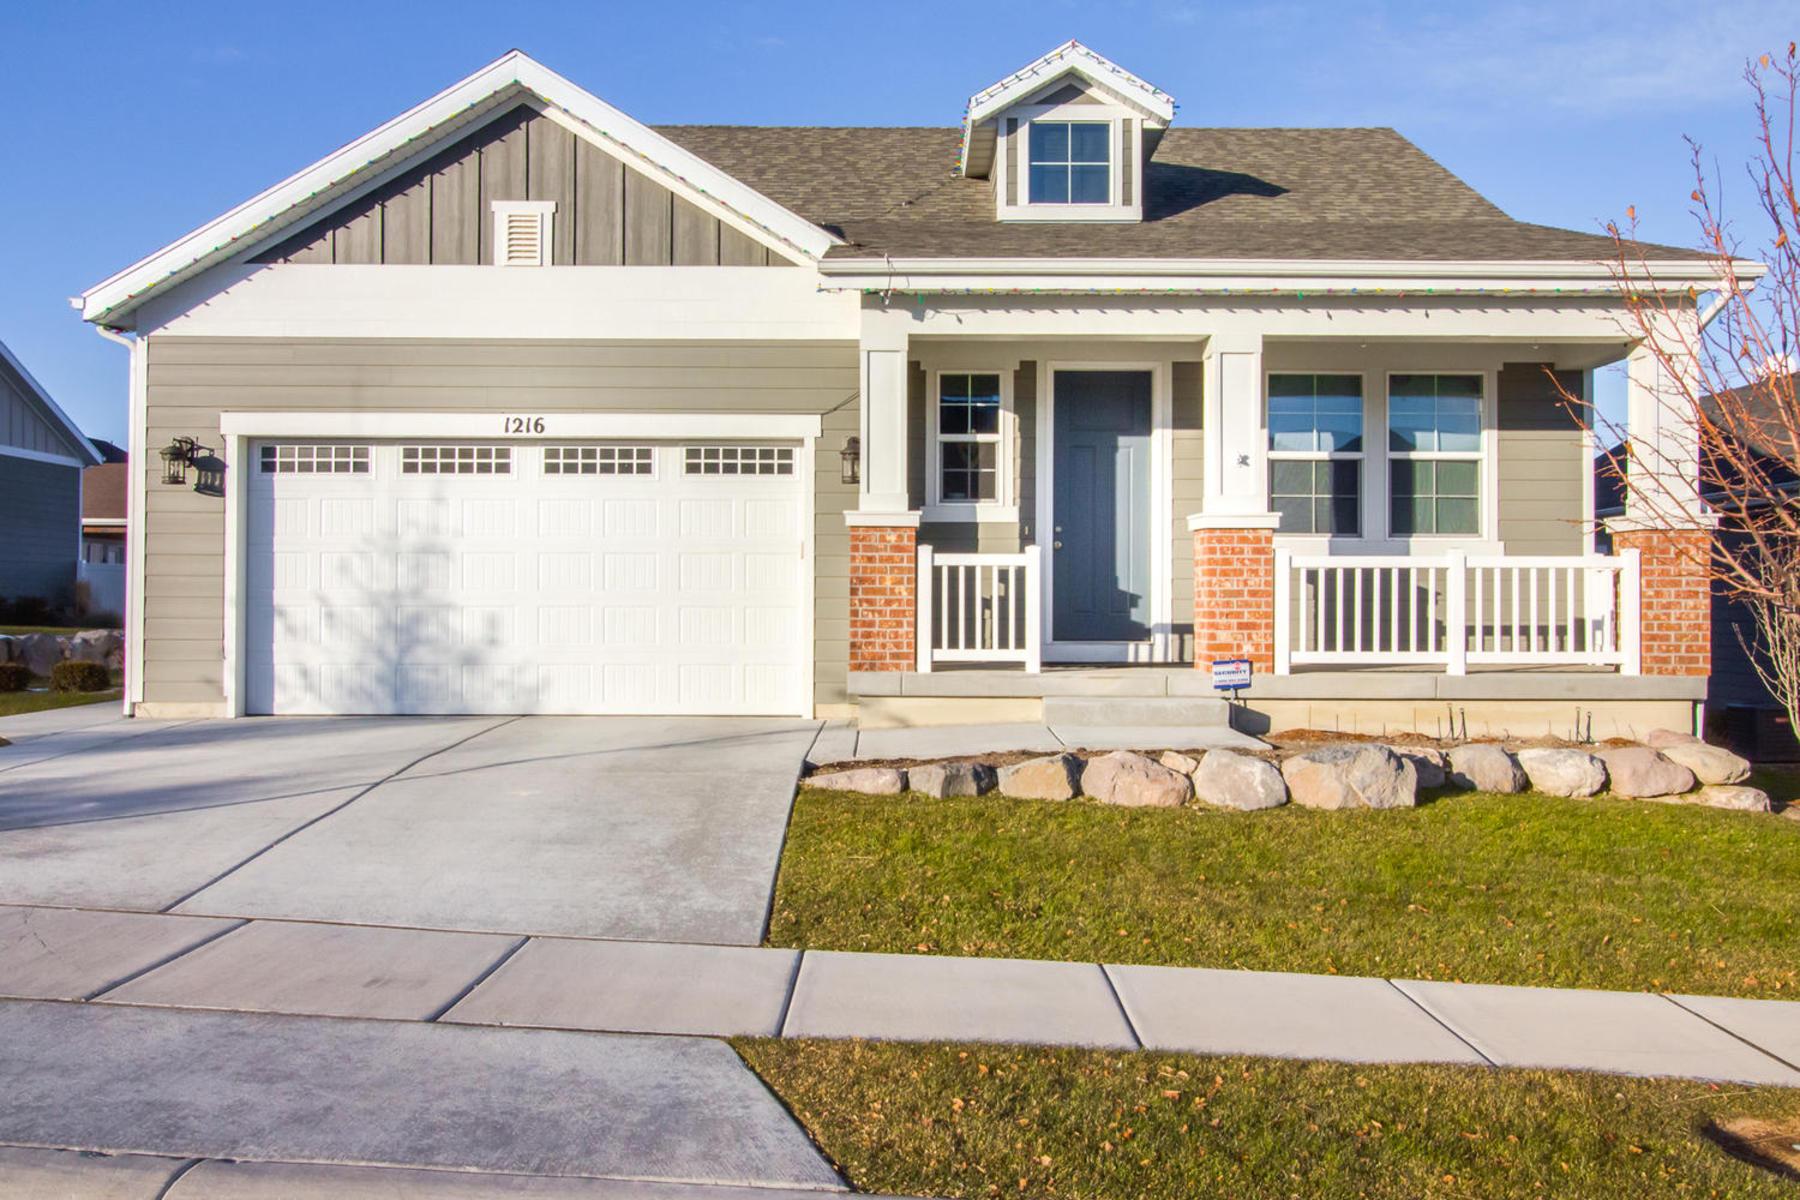 Maison unifamiliale pour l Vente à Absolute Perfection Awaits You 1216 W Samuel Holt Dr South Jordan, Utah 84095 États-Unis